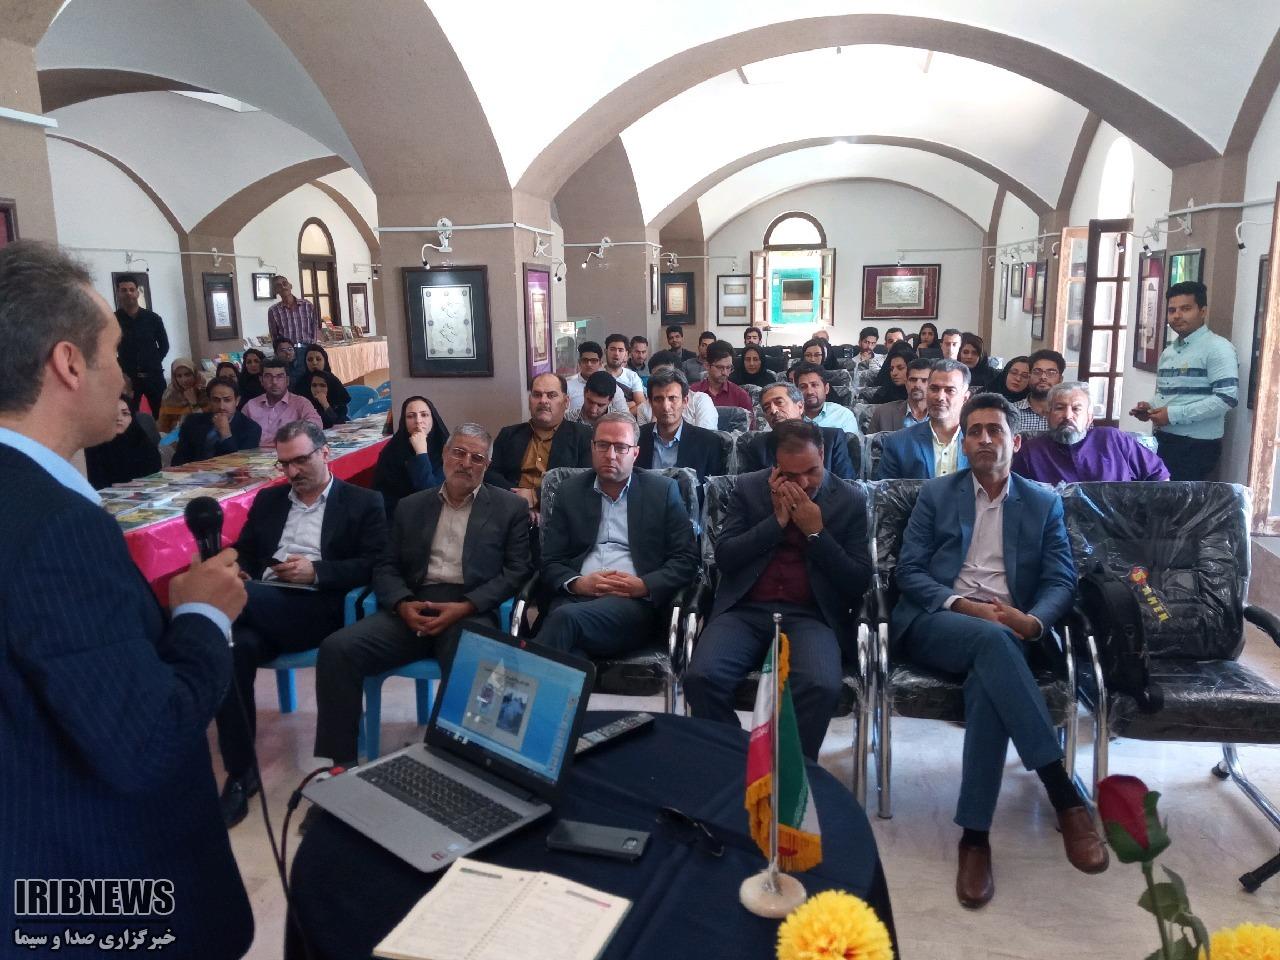 افتتاح همزمان سه رویداد فرهنگی در خانه فرهنگ طبس